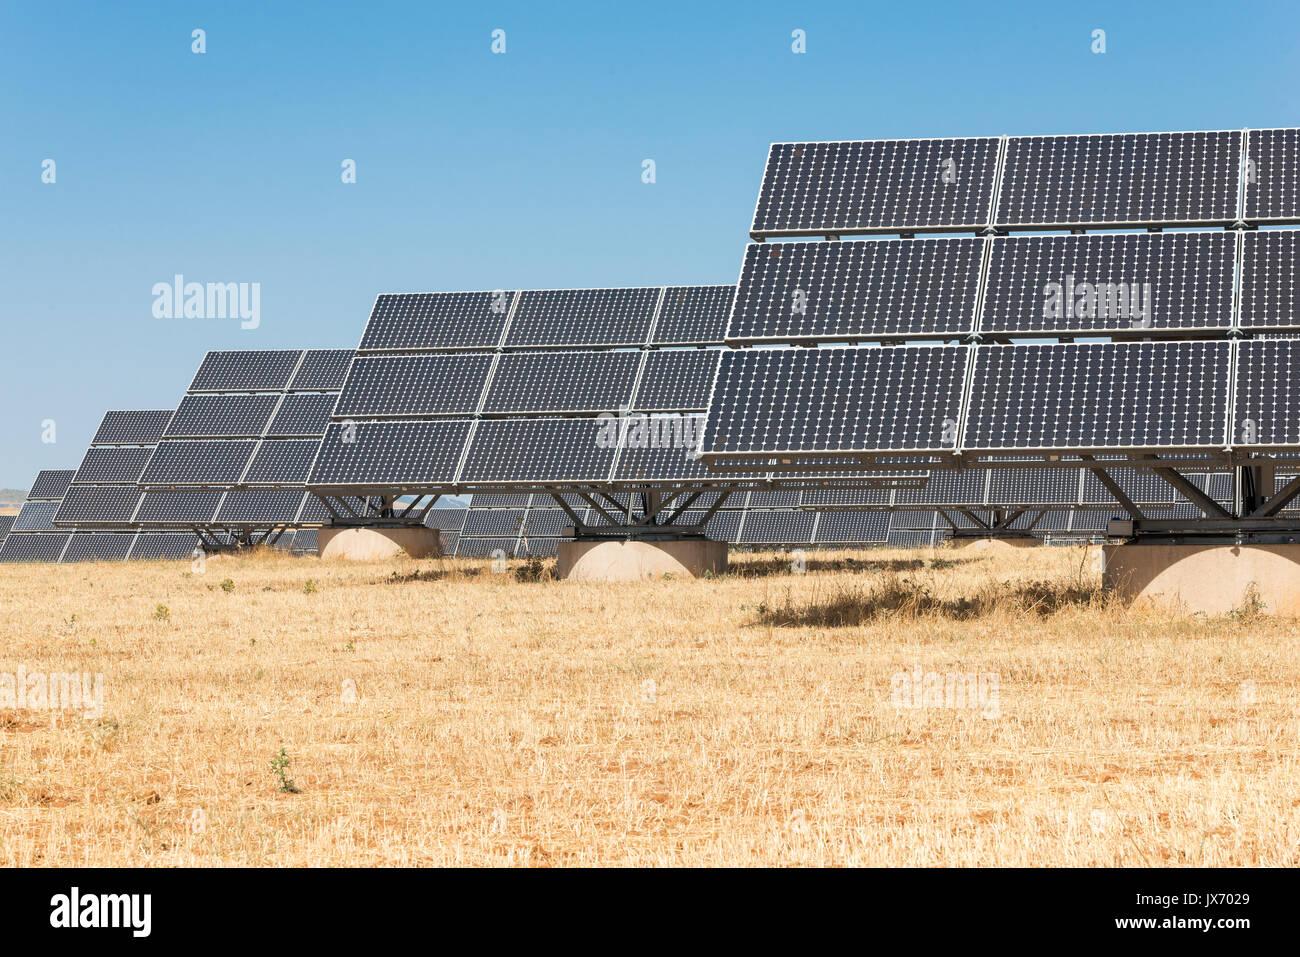 Blue panneaux solaires pour produire de l'énergie dans l'Estrémadure. Photo Stock